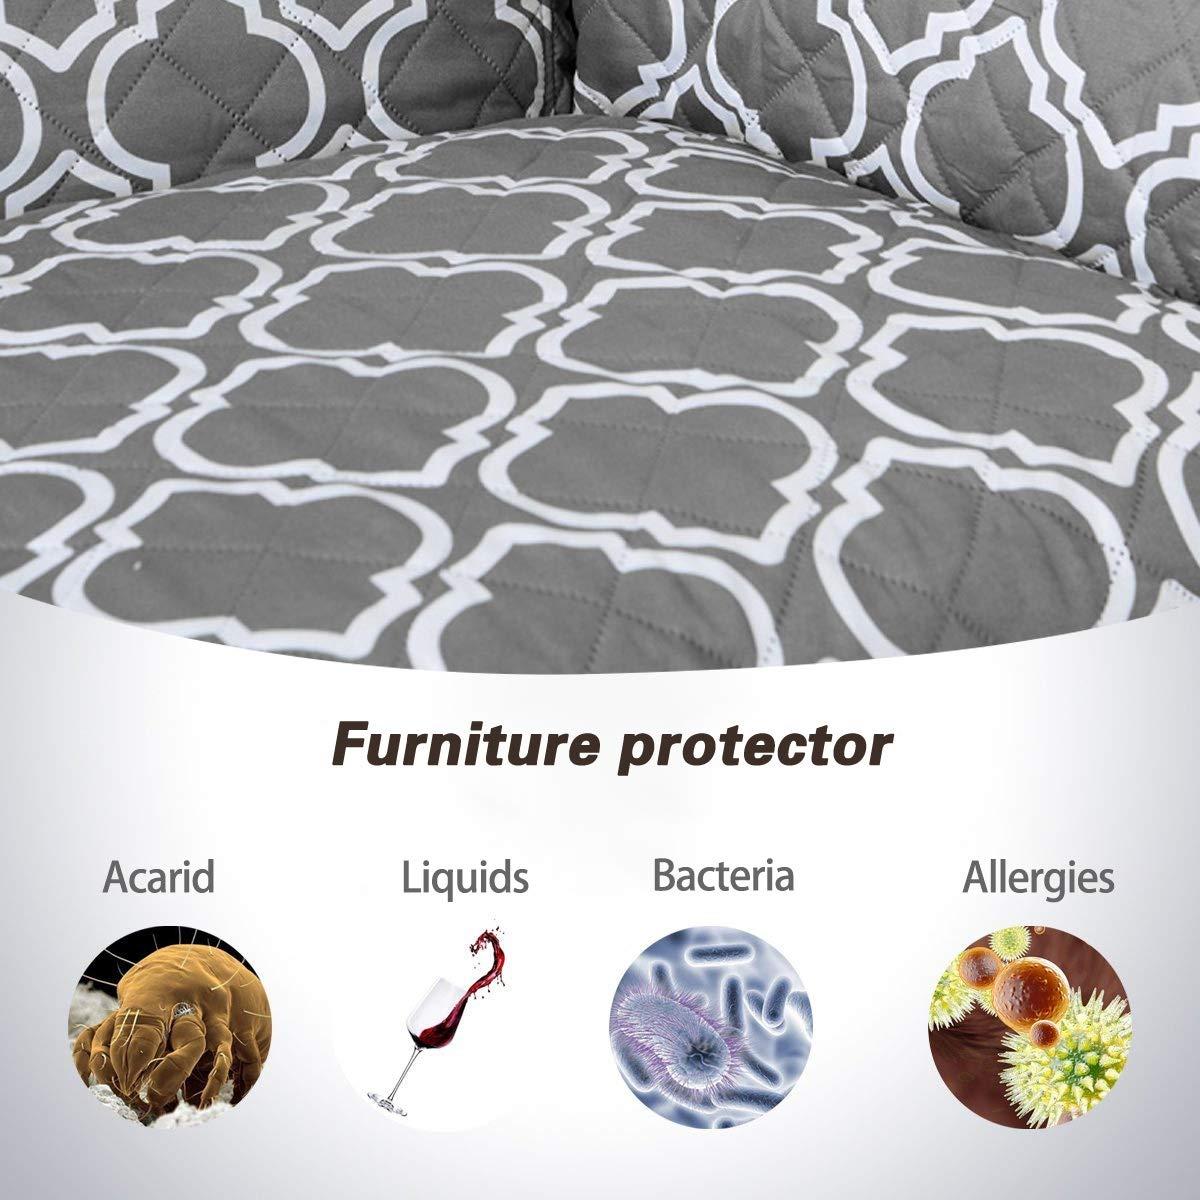 PETCUTE Funda Sofa 3 plazas Cubre Sofa Fundas de sof/á Acolchado Resistente al Agua Protector de Sof/á Muebles para Mascotas